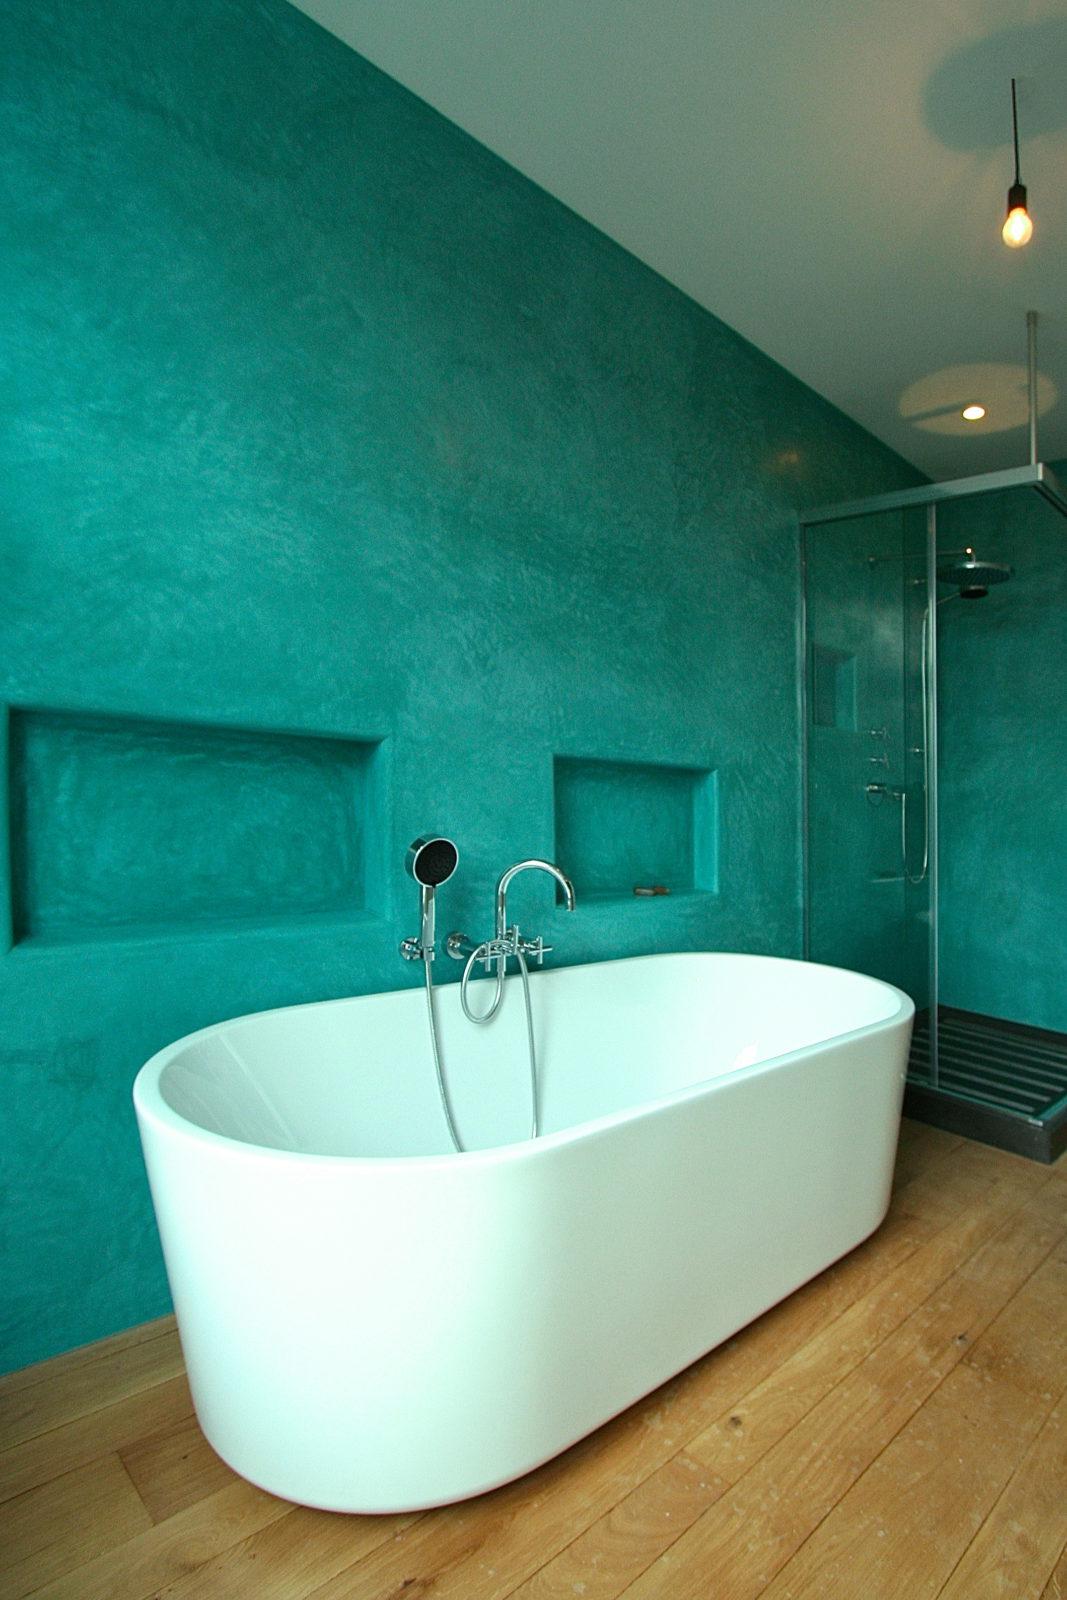 Tadelakt Tierrafino turquoise